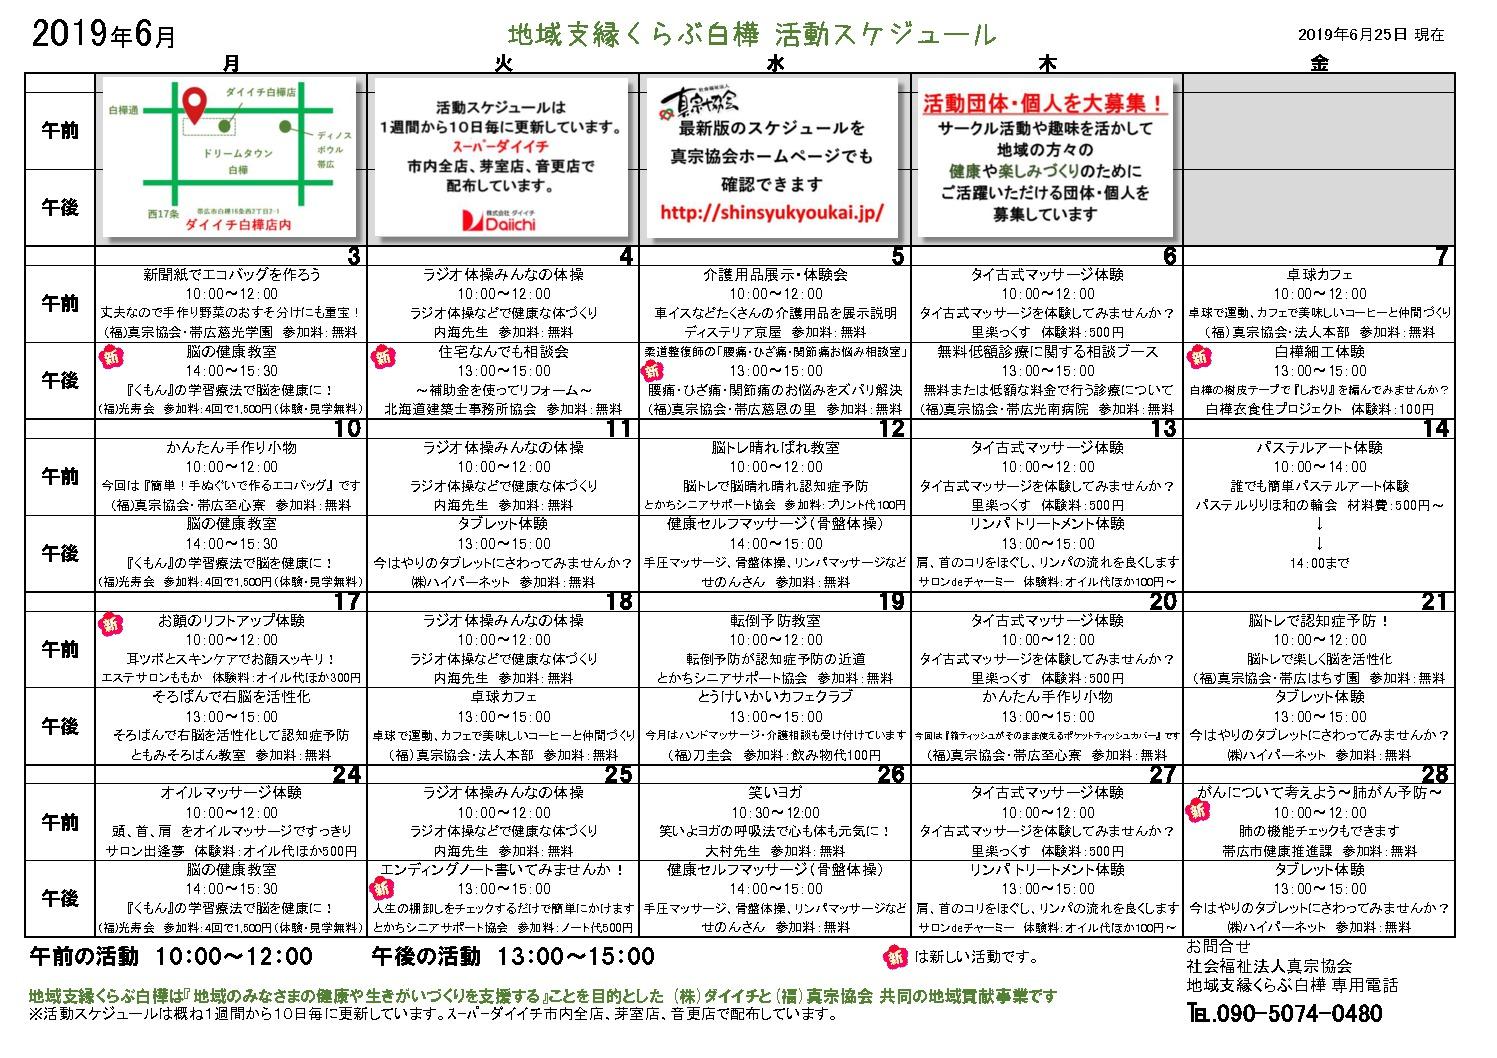 2019活動スケジュール6(2019.6.25付)のサムネイル